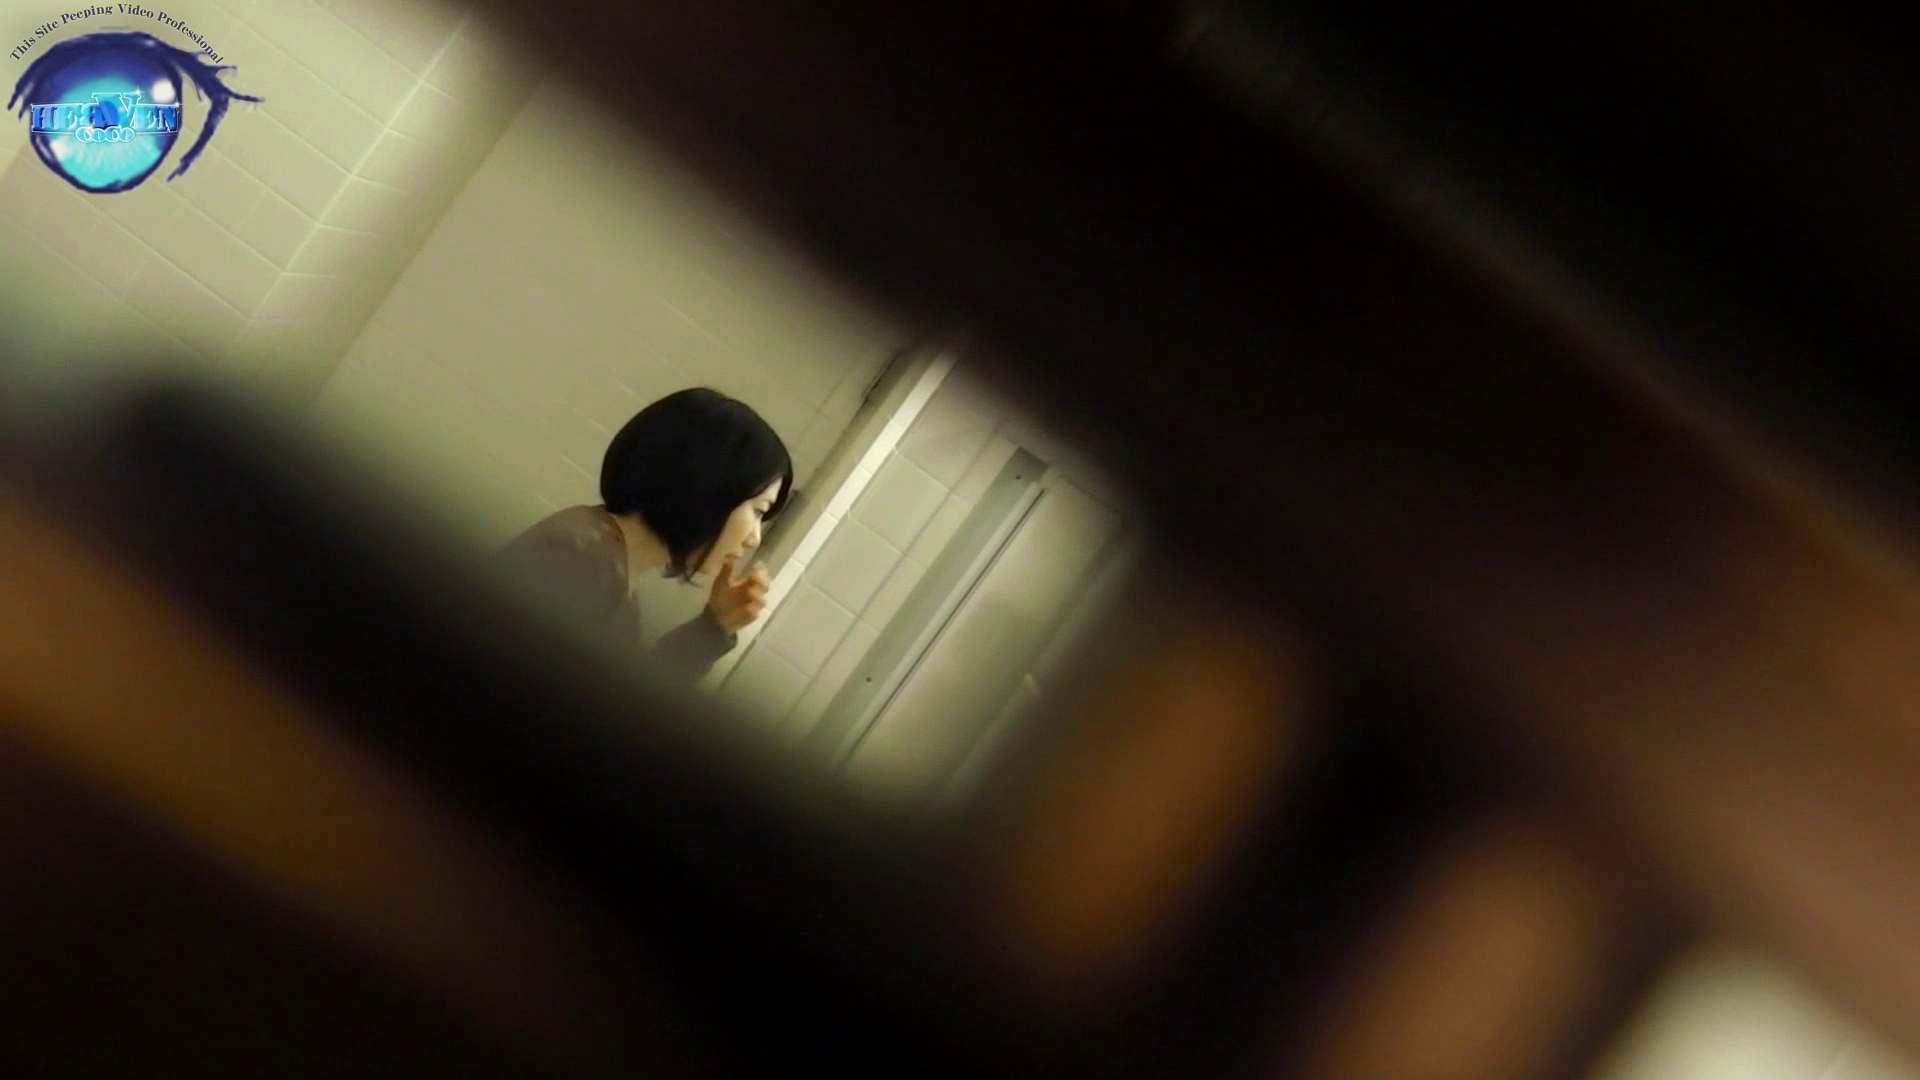 お銀さん vol.59 ピンチ!!「鏡の前で祈る女性」にばれる危機 前編 美人  96pic 45